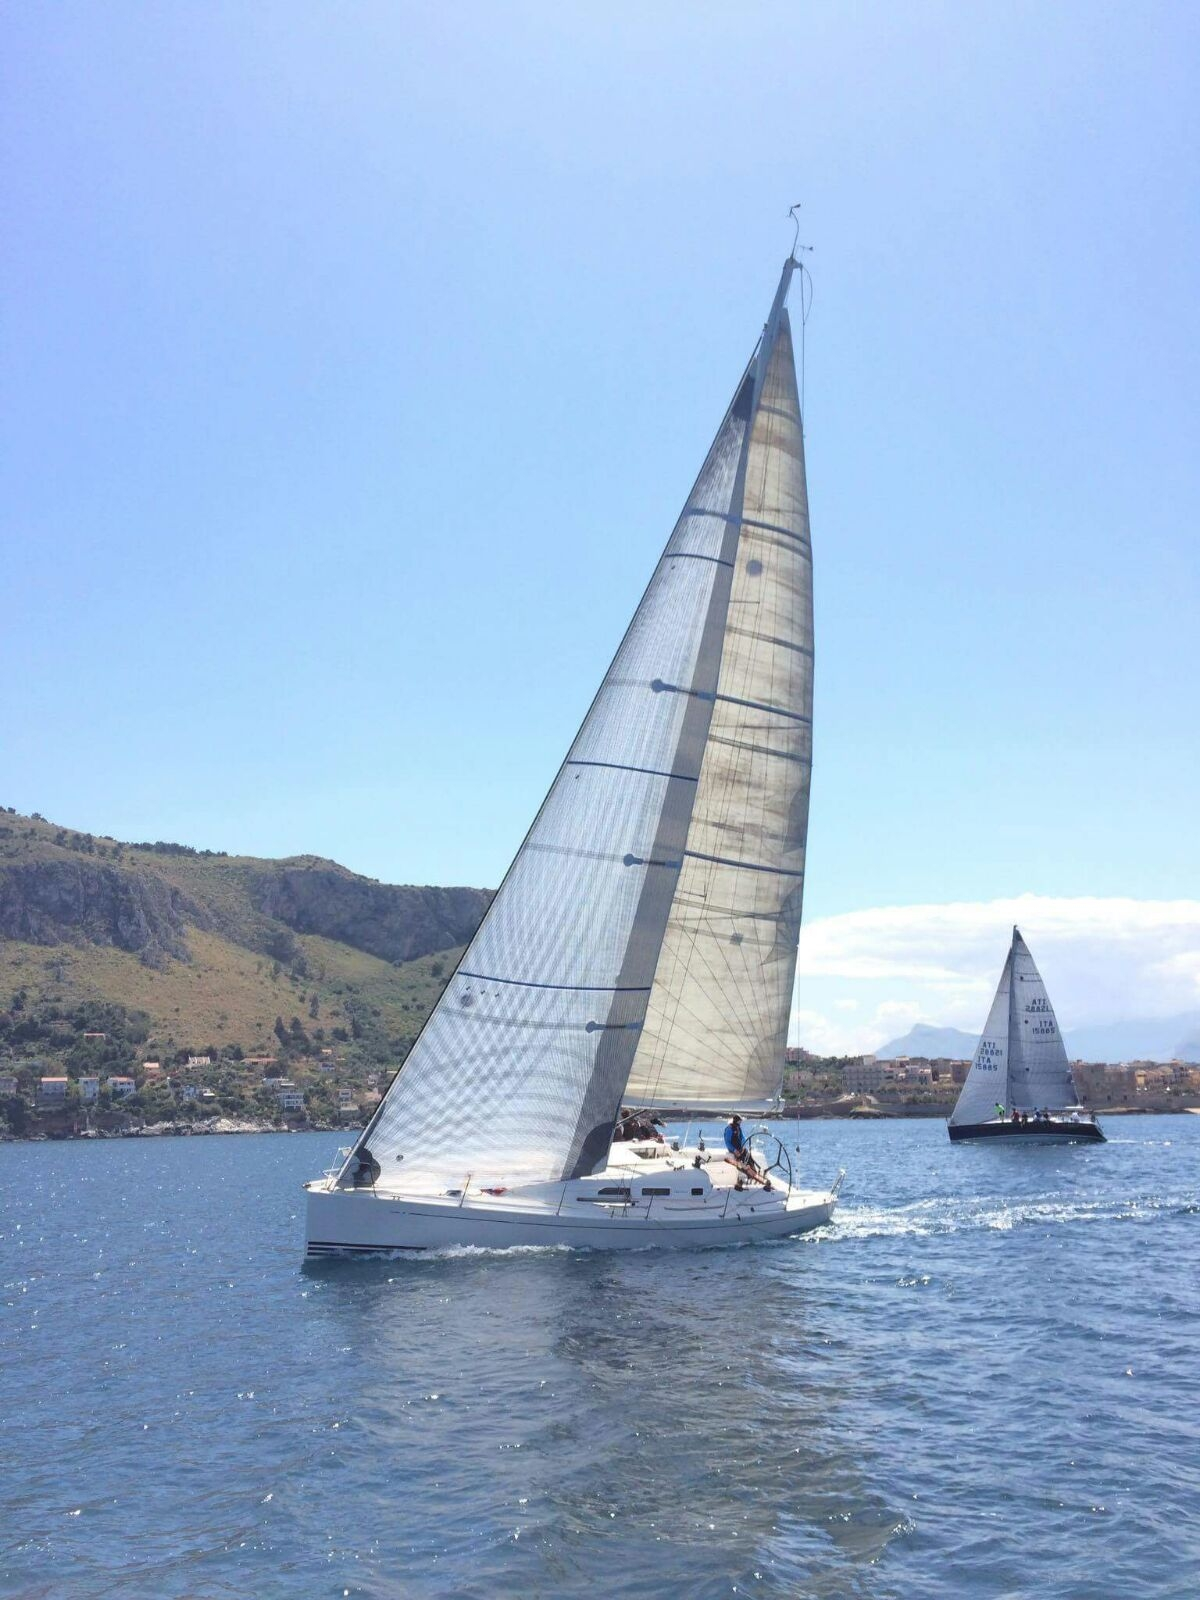 Vela, campionato italiano offshore: da venerdì 1 a domenica 3 torna la Regata dei 5 fari